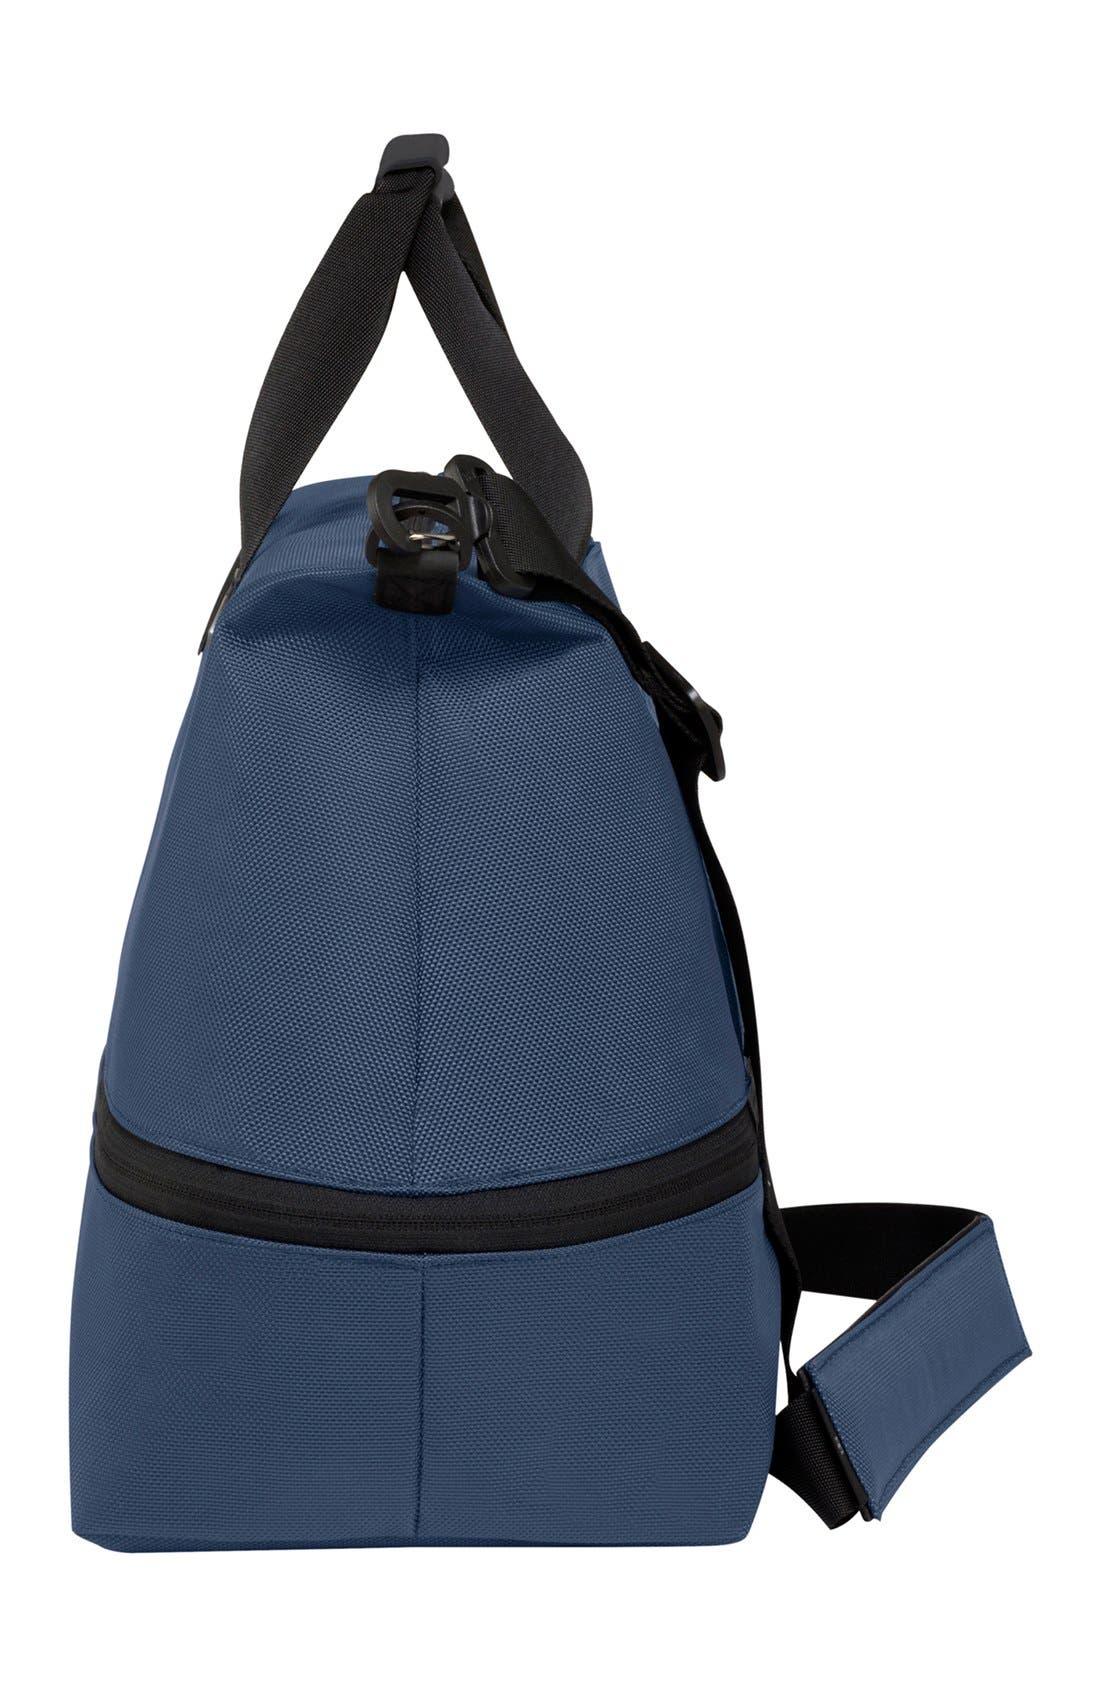 Duffel Bag,                             Alternate thumbnail 8, color,